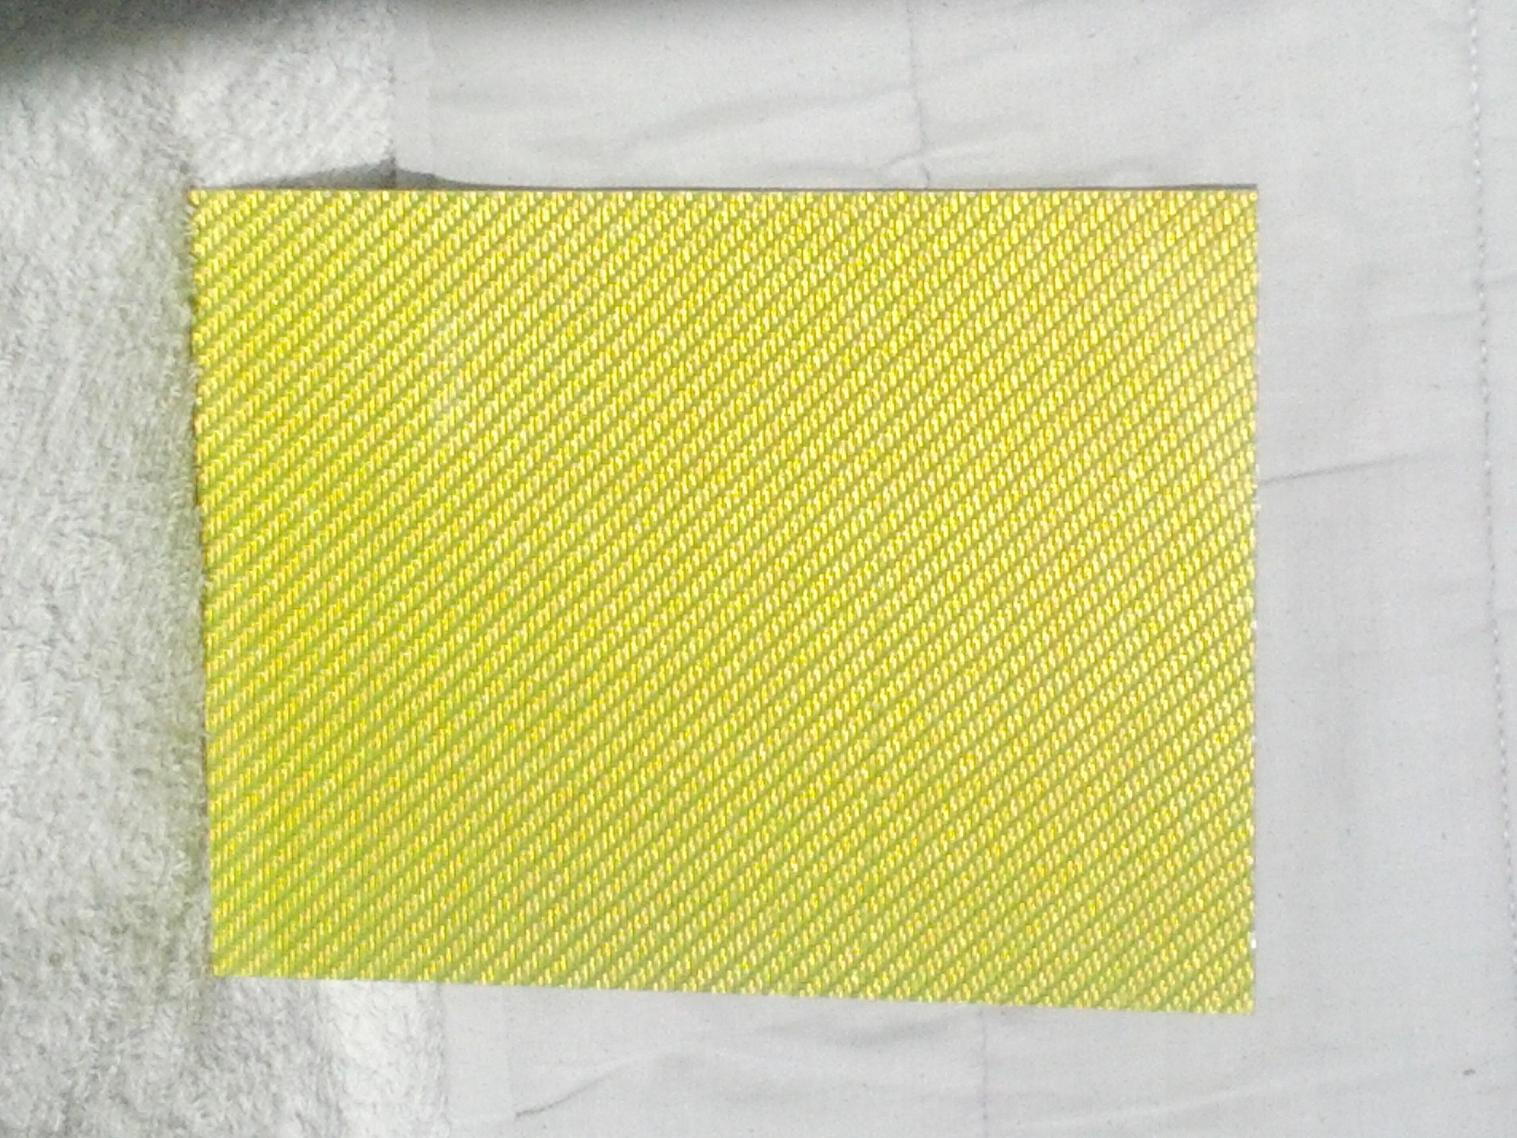 【お試し】シルバーカーボン板(色入)~*420x300mm(A3サイズ)*両面・3mm厚~